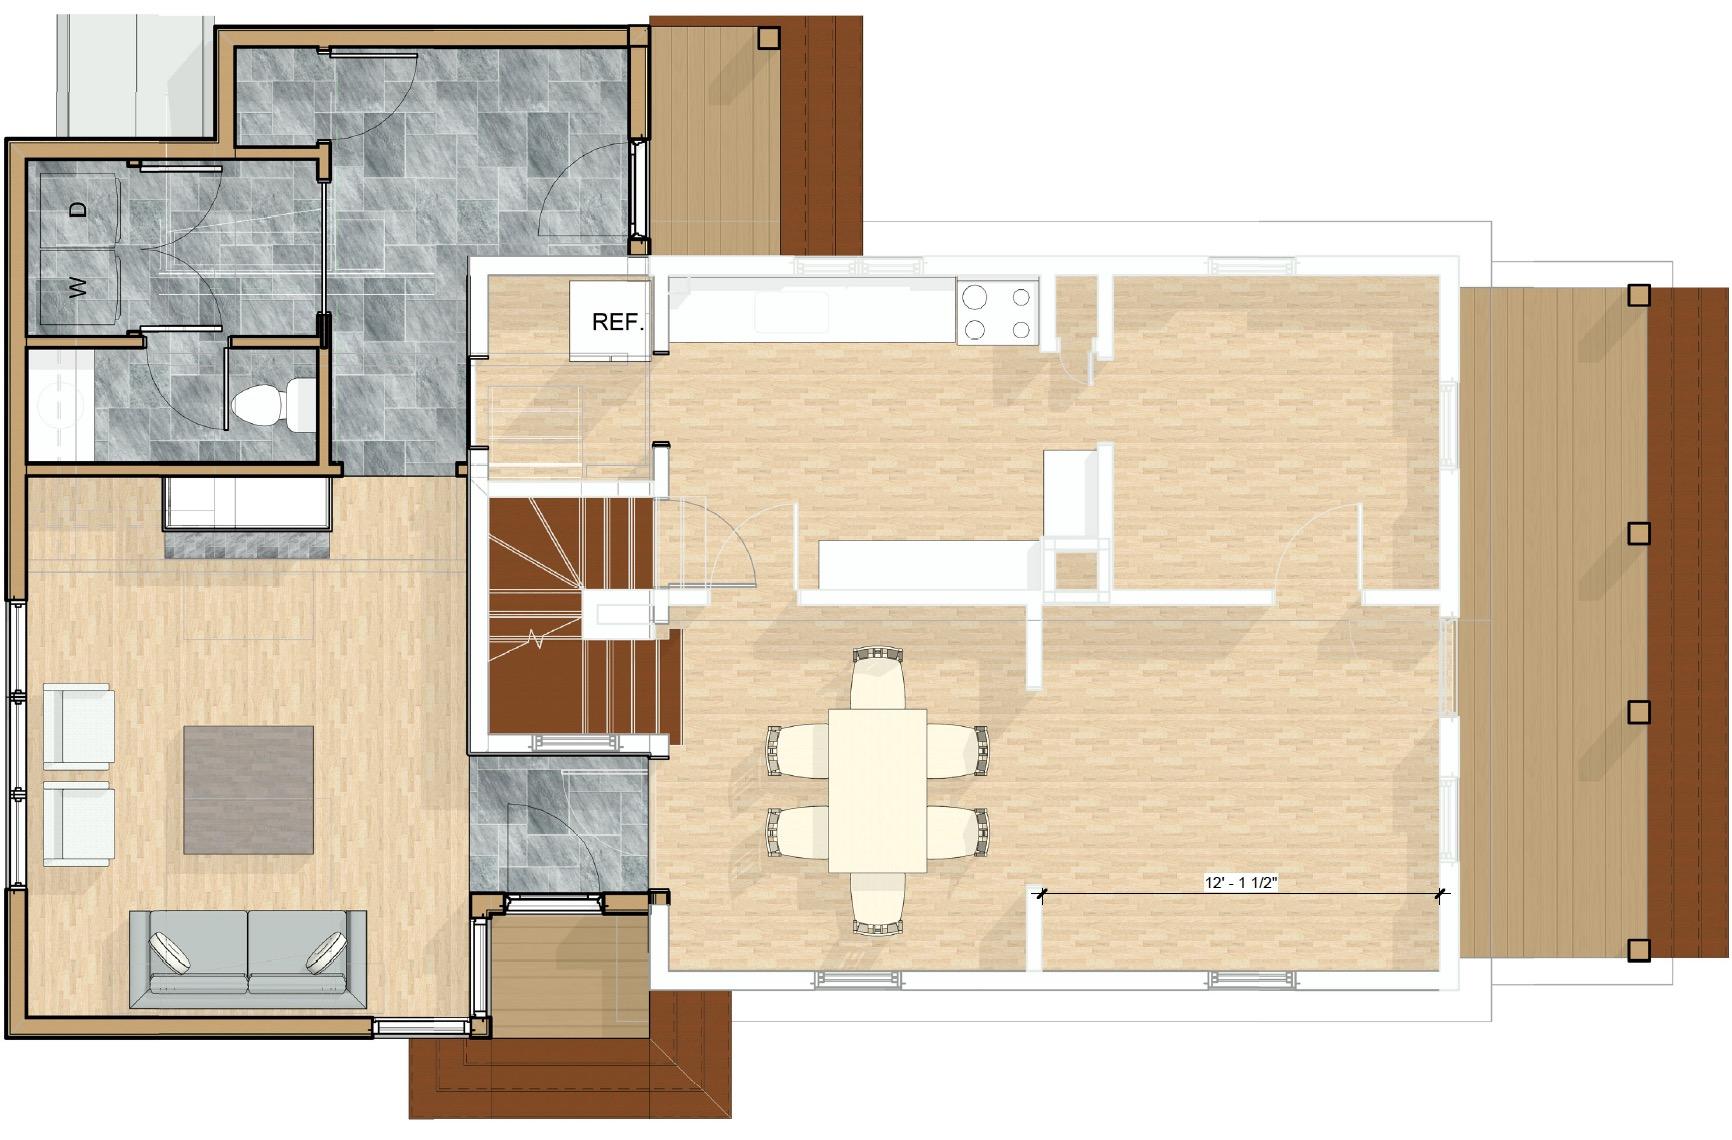 Architecture-first-floor.JPG